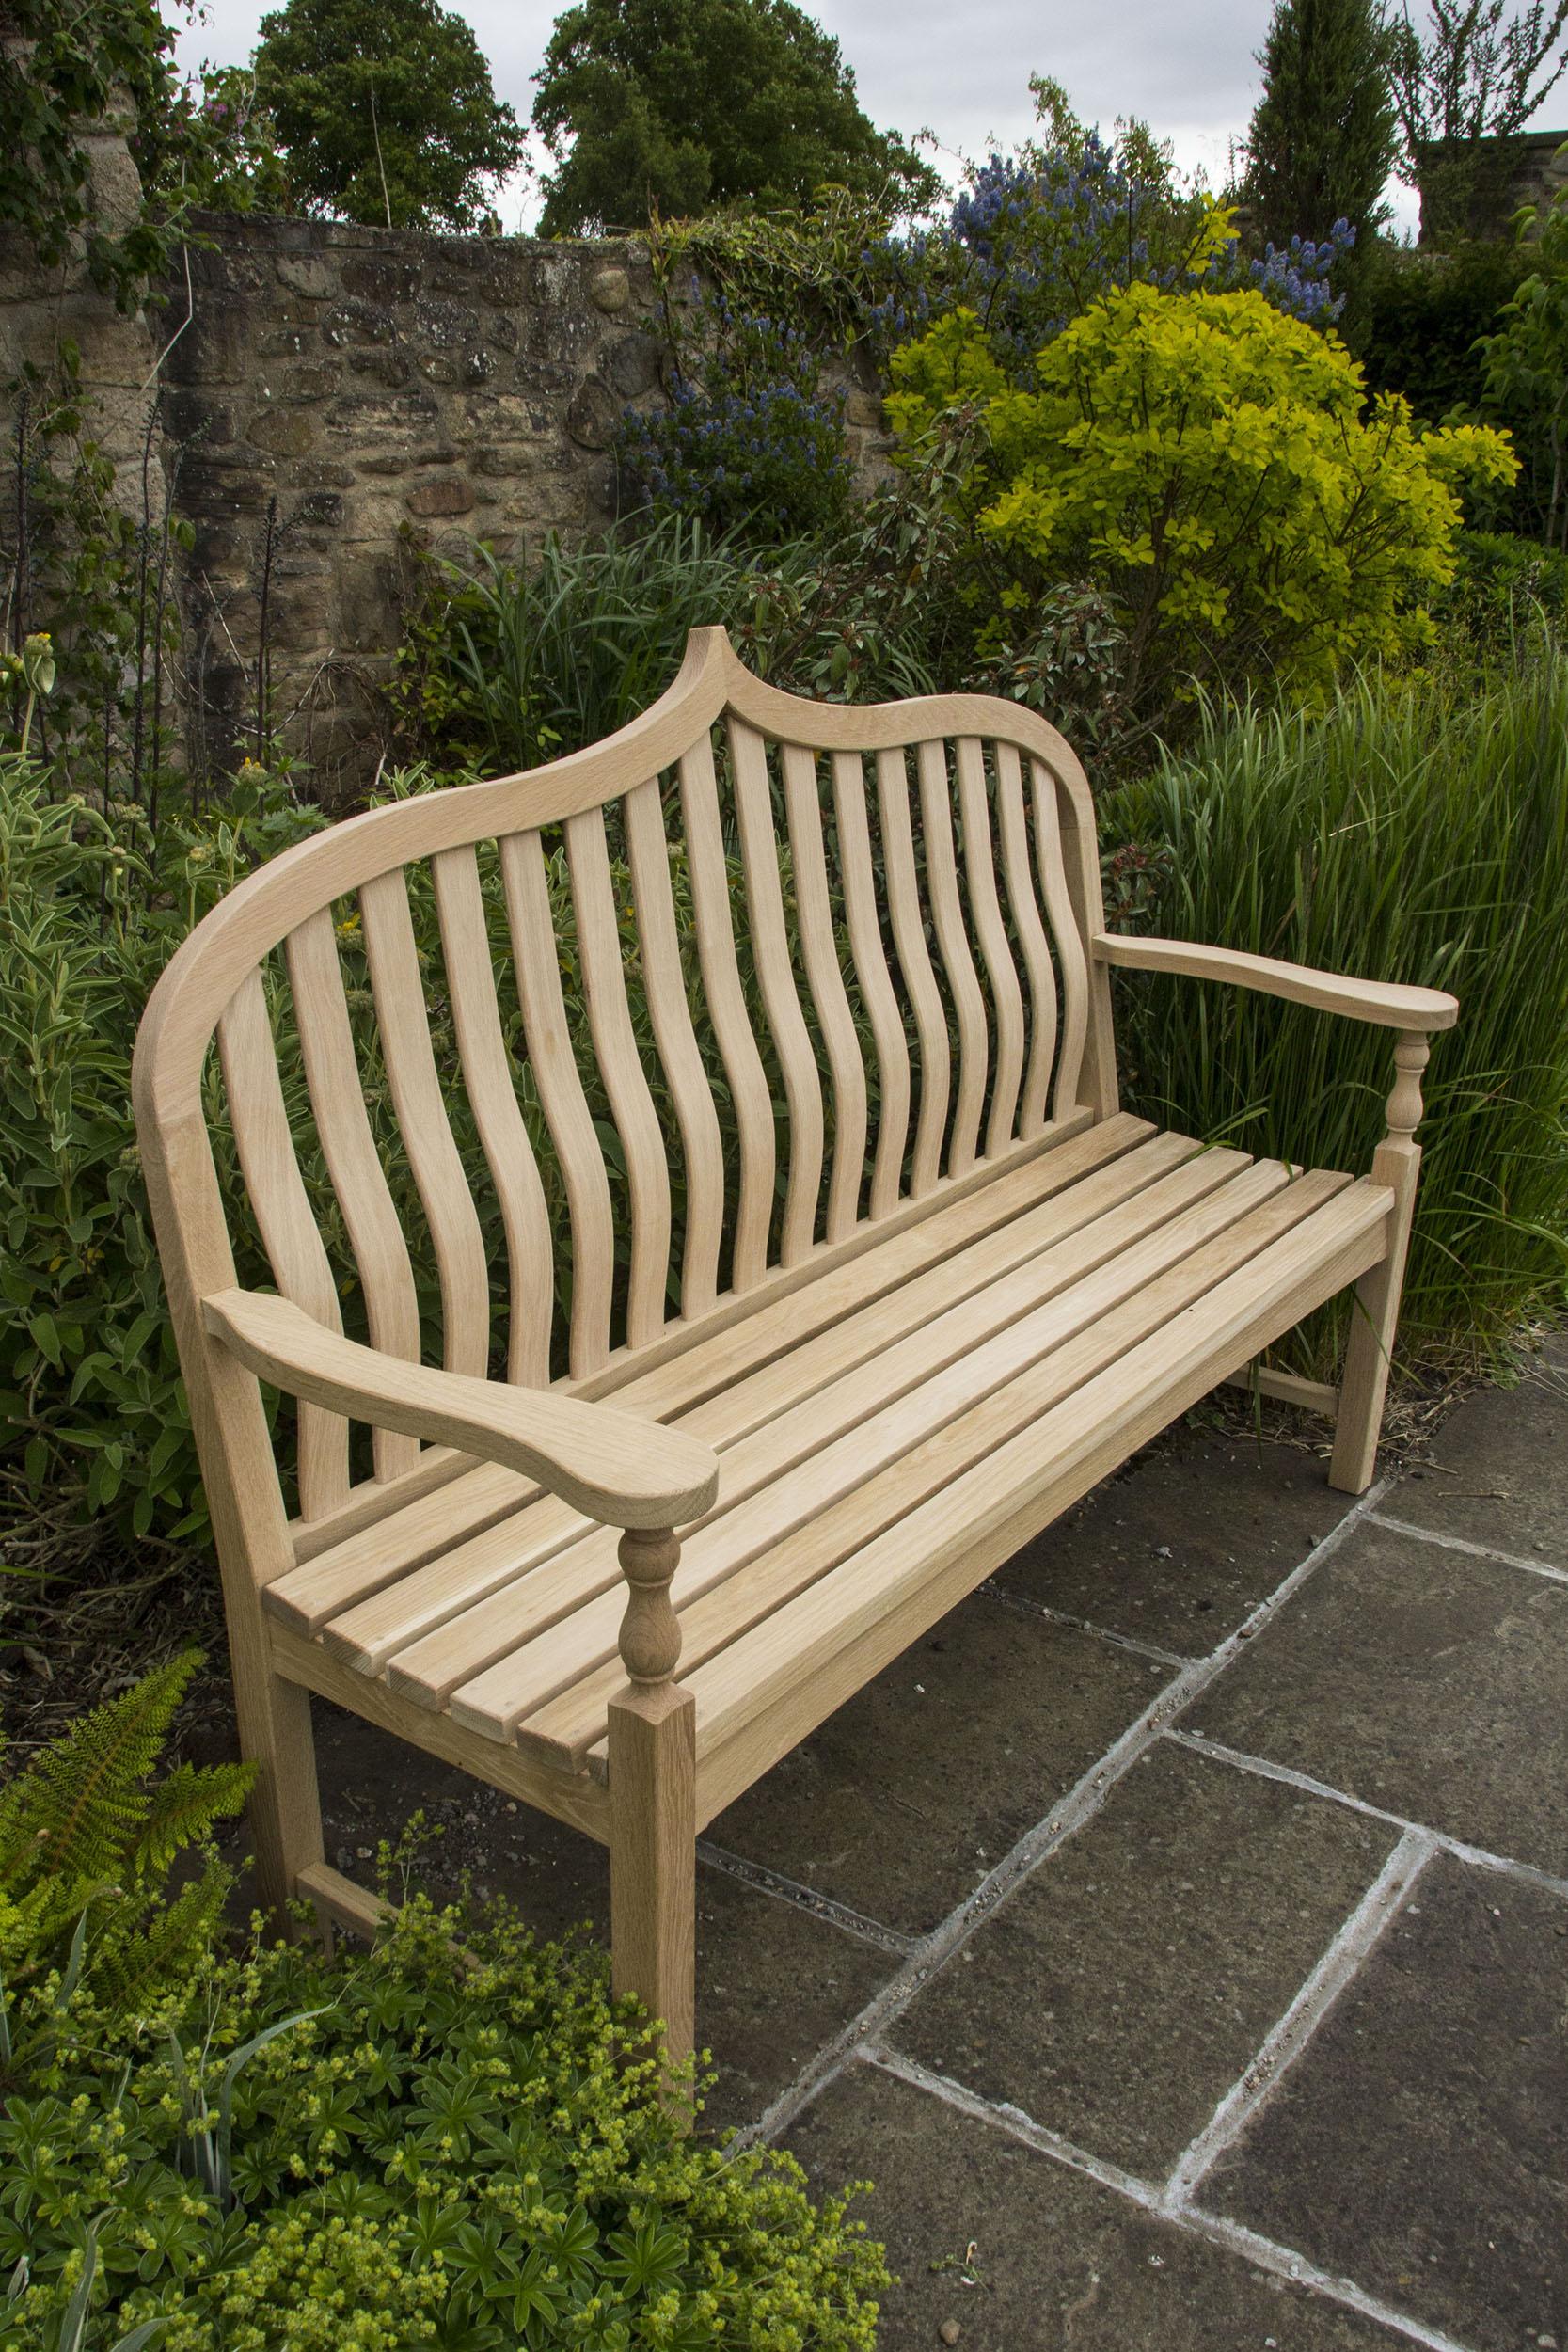 Garden bench in oak